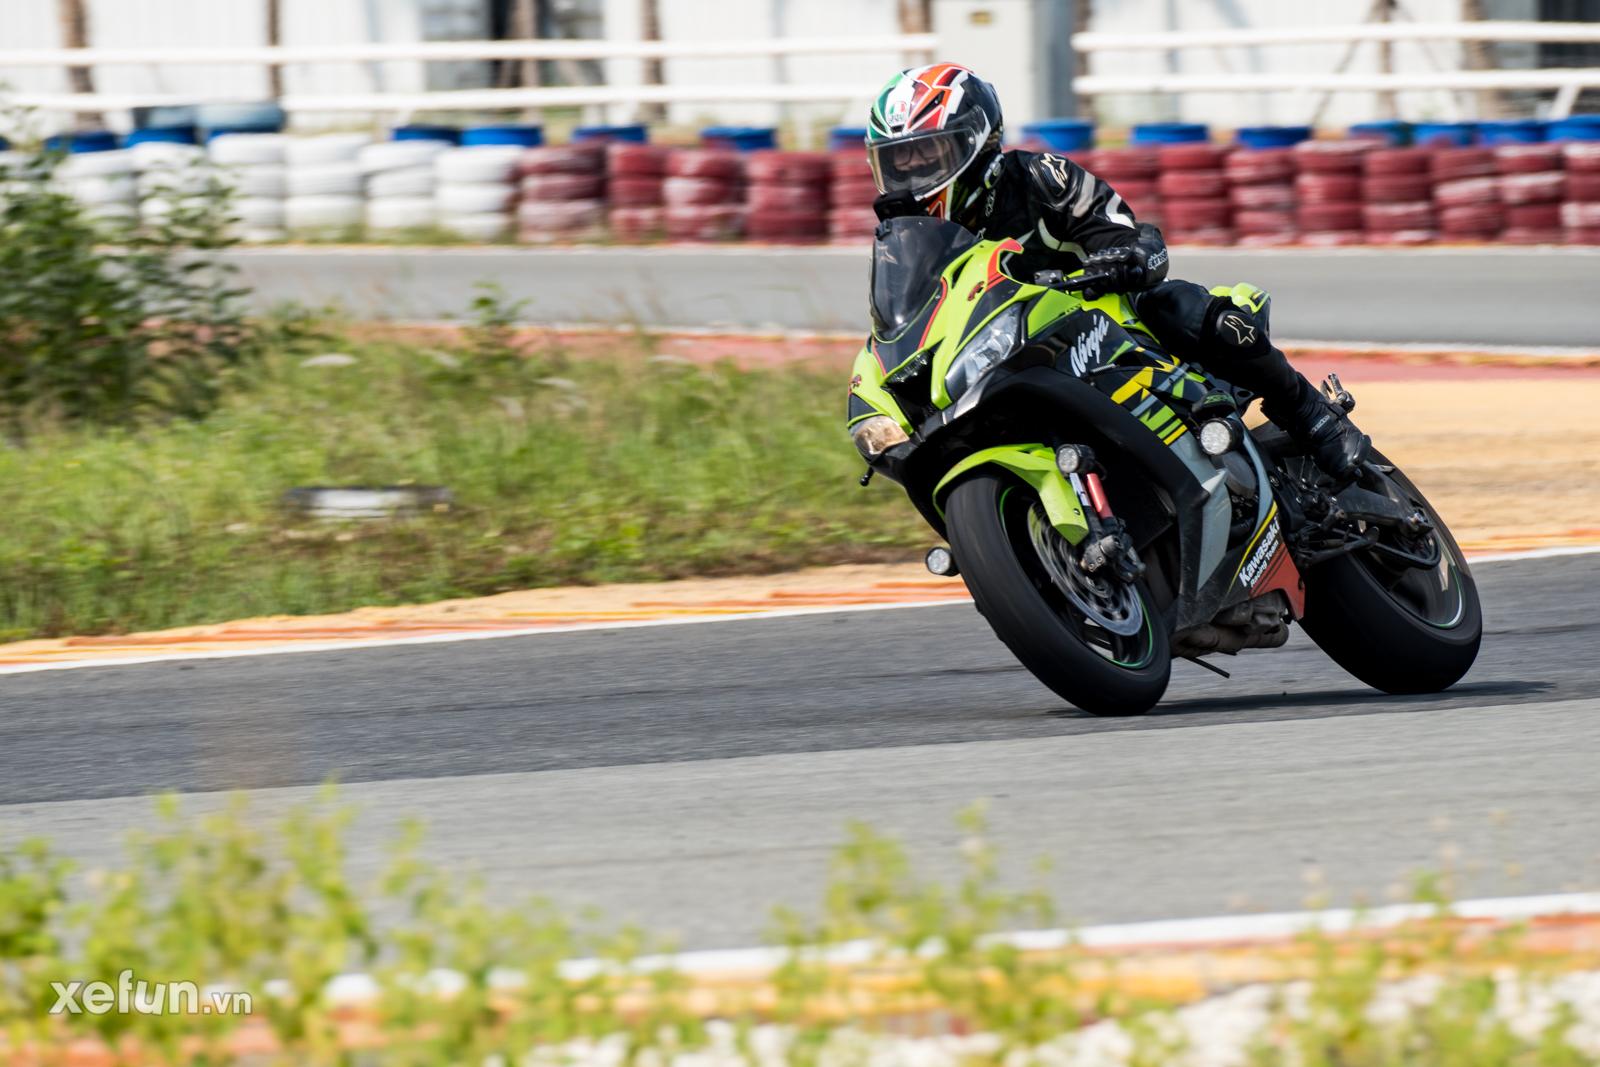 Các tay đua nài xe phân khối lớn PKL BMW S1000RR Ducati Monster Kawasaki Ninja ZX10R tại Trường đua Đại Nam trên Xefun (1)t45y5